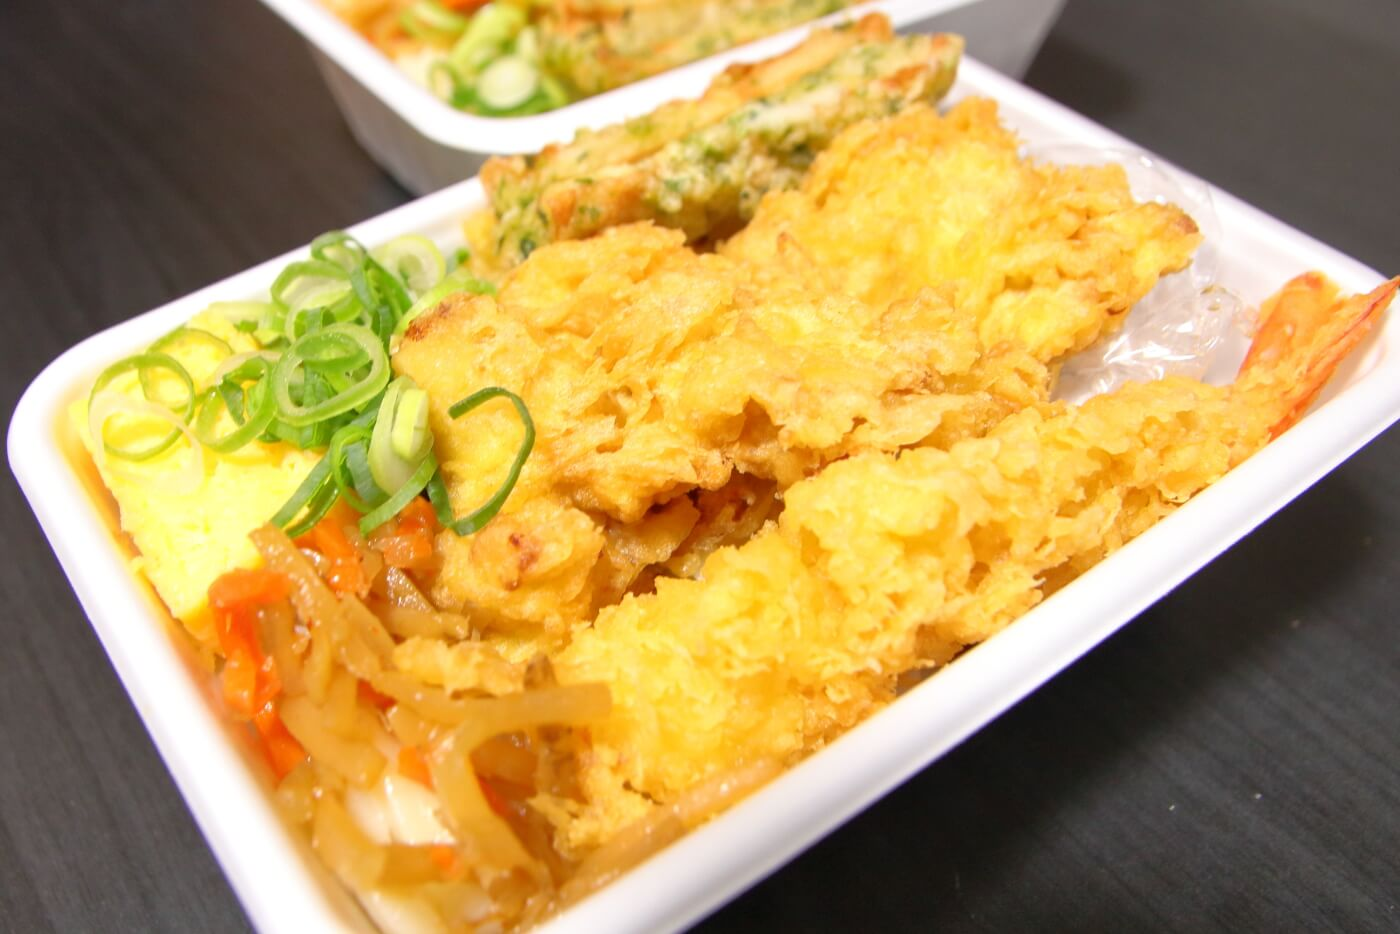 丸亀製麺 うどん弁当 4種の天ぷらと定番おかずのうどん弁当